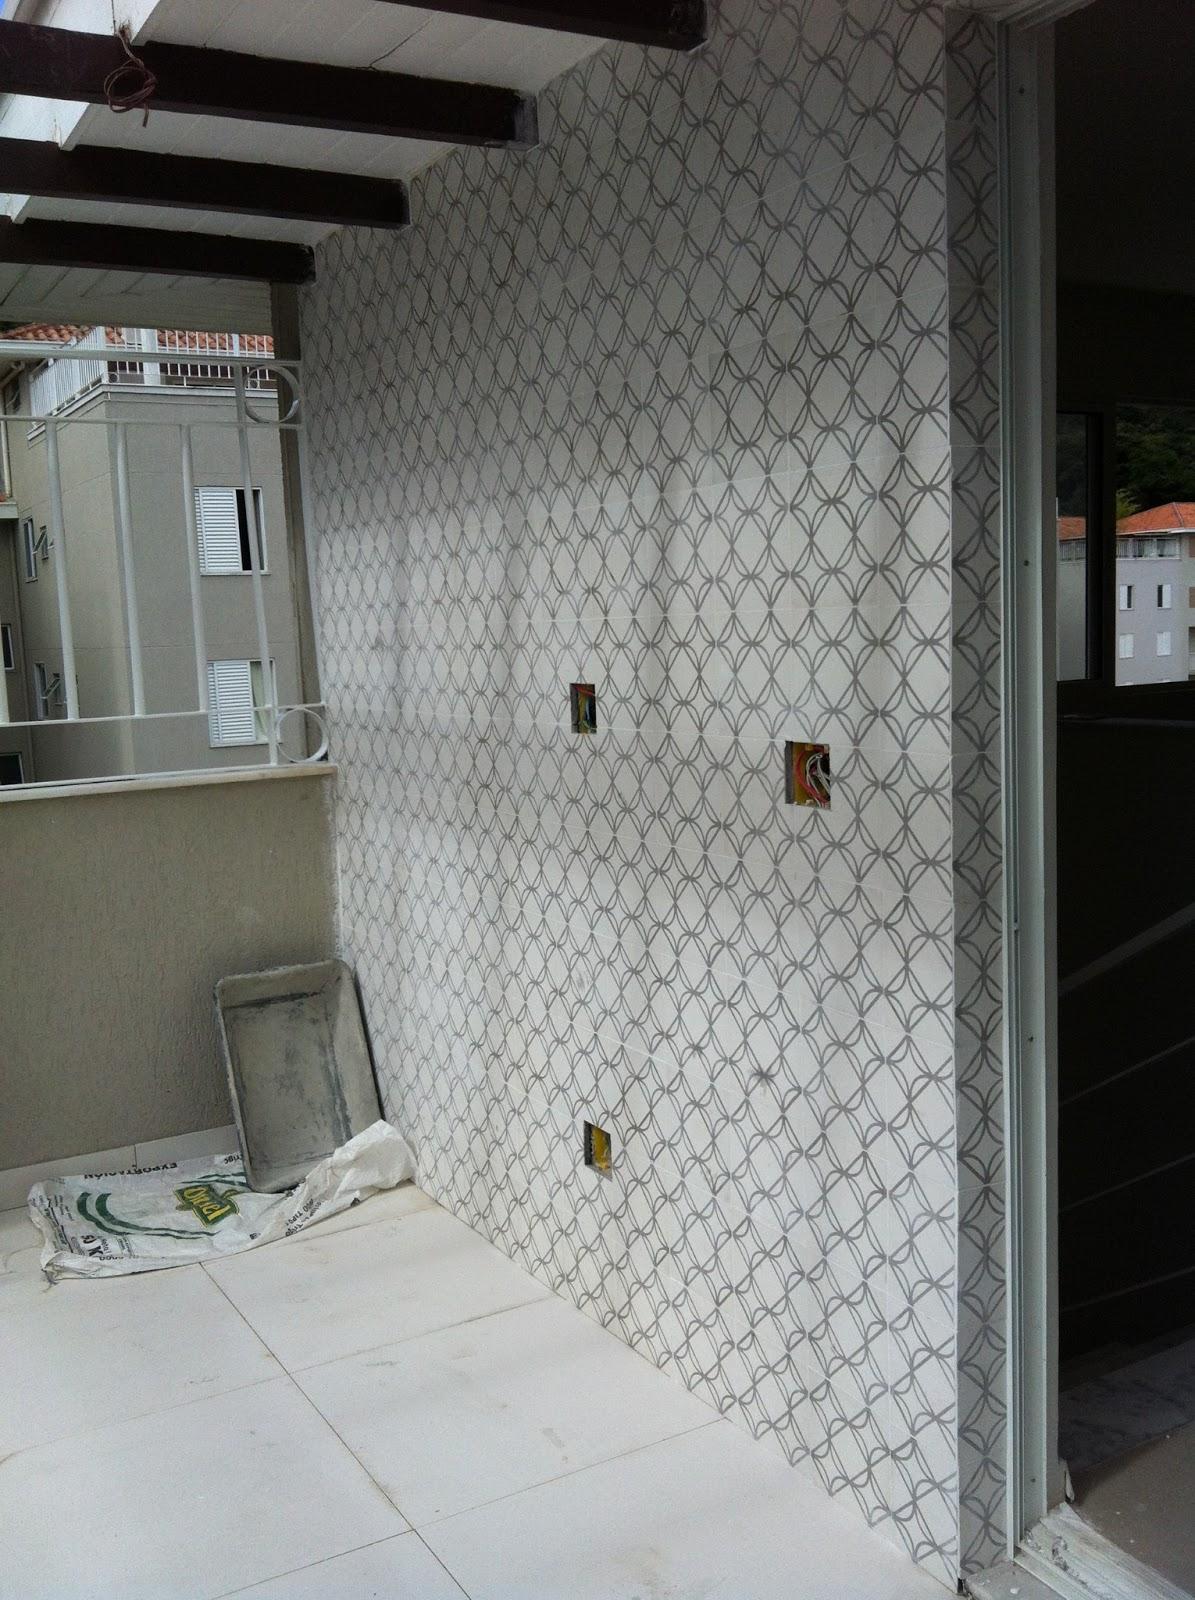 Nessa parede utilizei ladrilho hidráulico em tons de cinza e branco  #5A4F48 1195x1600 Banheiro Cinza E Verde